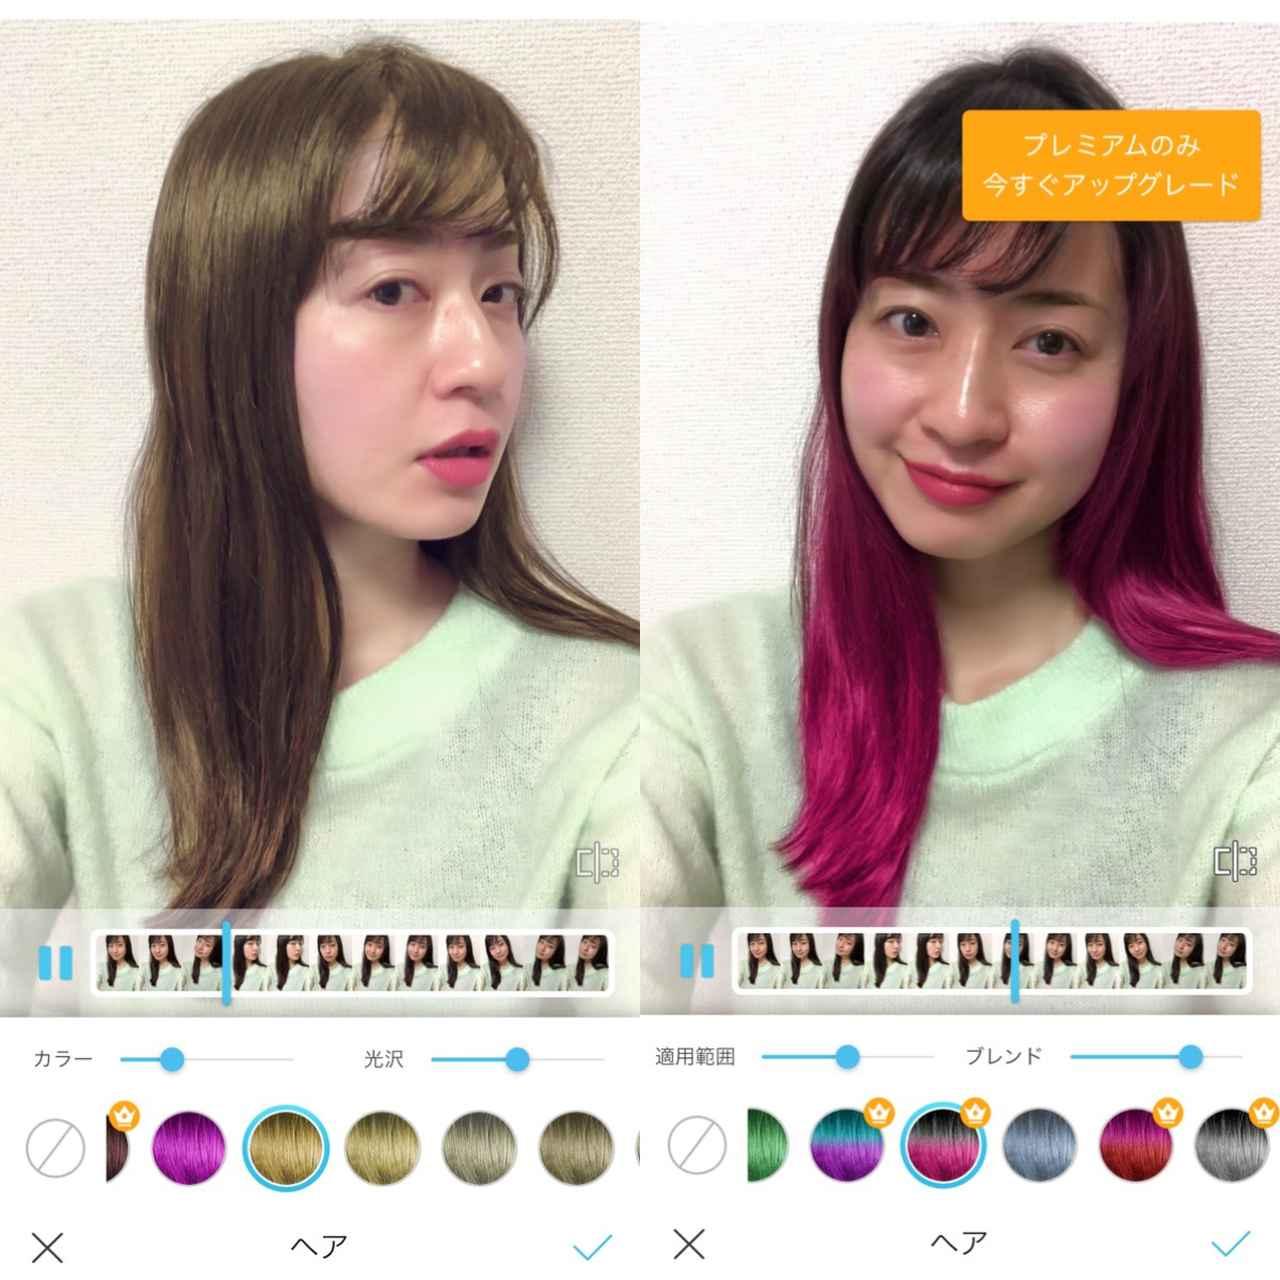 画像: 仕事で髪色で遊べない?!それならアプリで髪色変えた気分になっちゃう?!